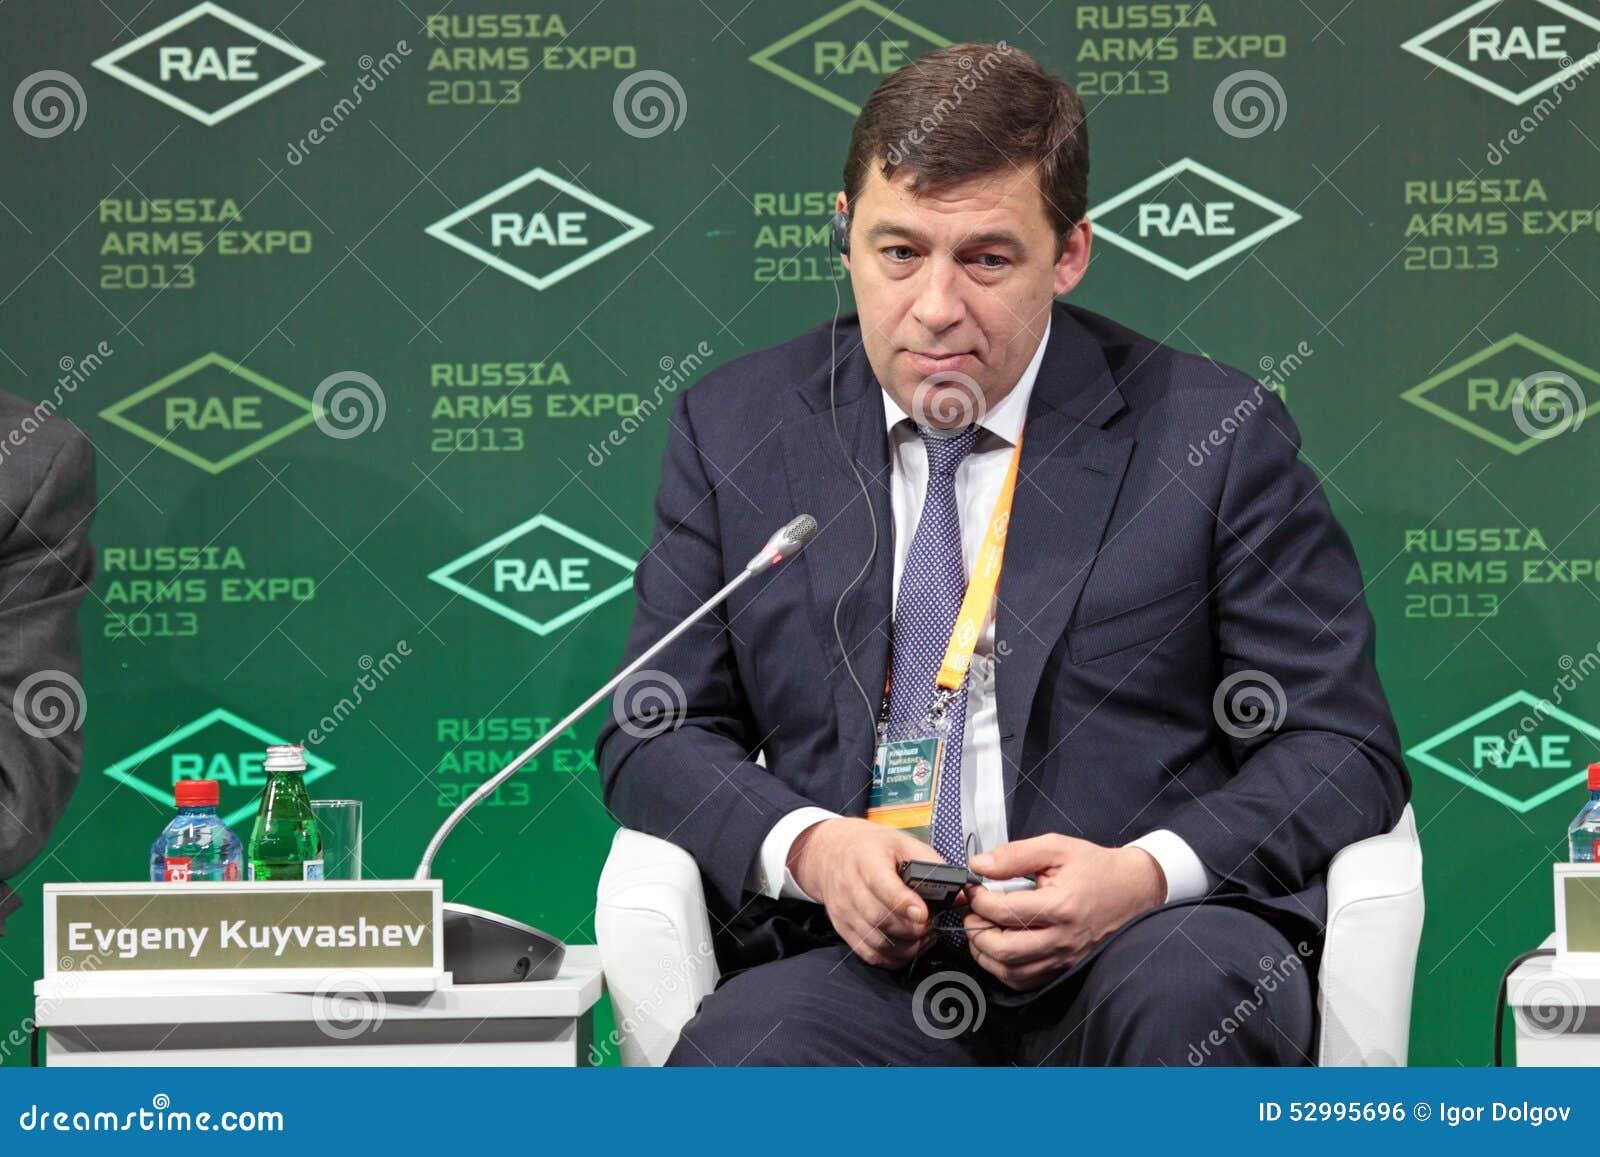 Evgeny Kuyvashev today 36